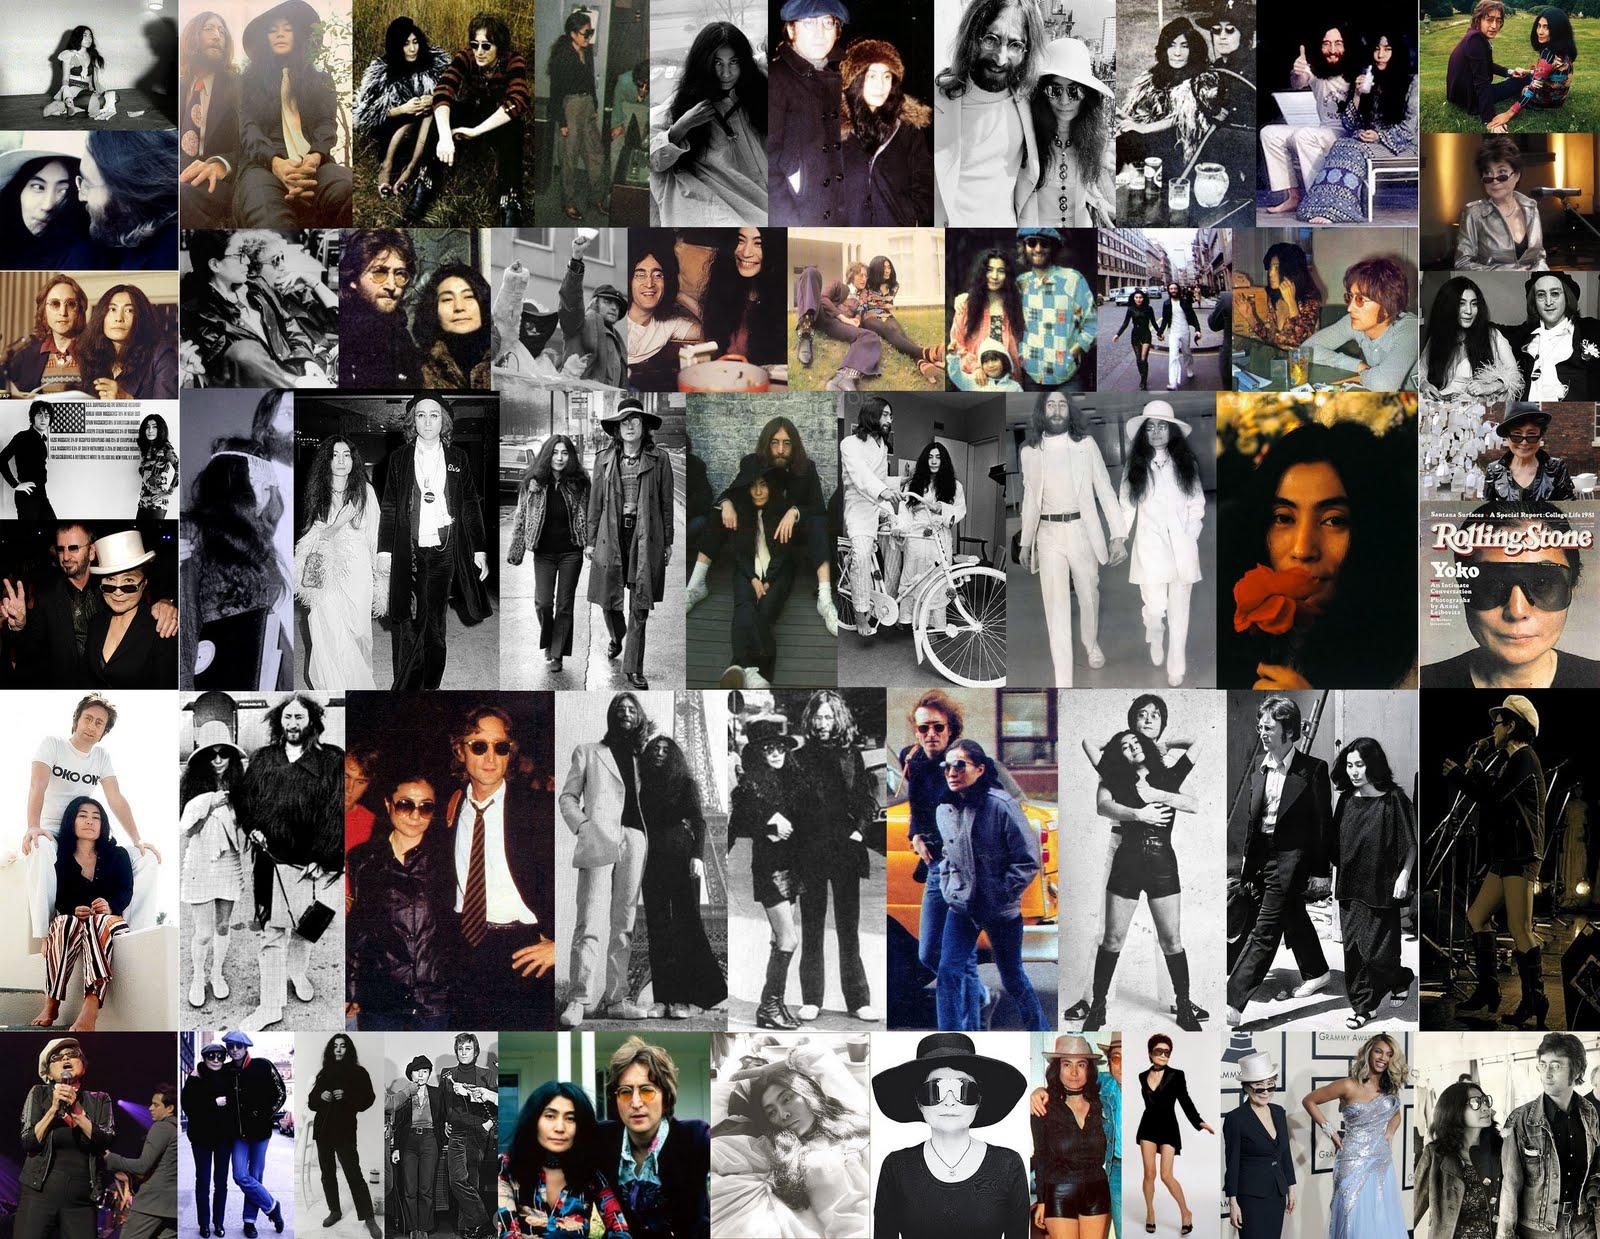 Yoko Ono moda